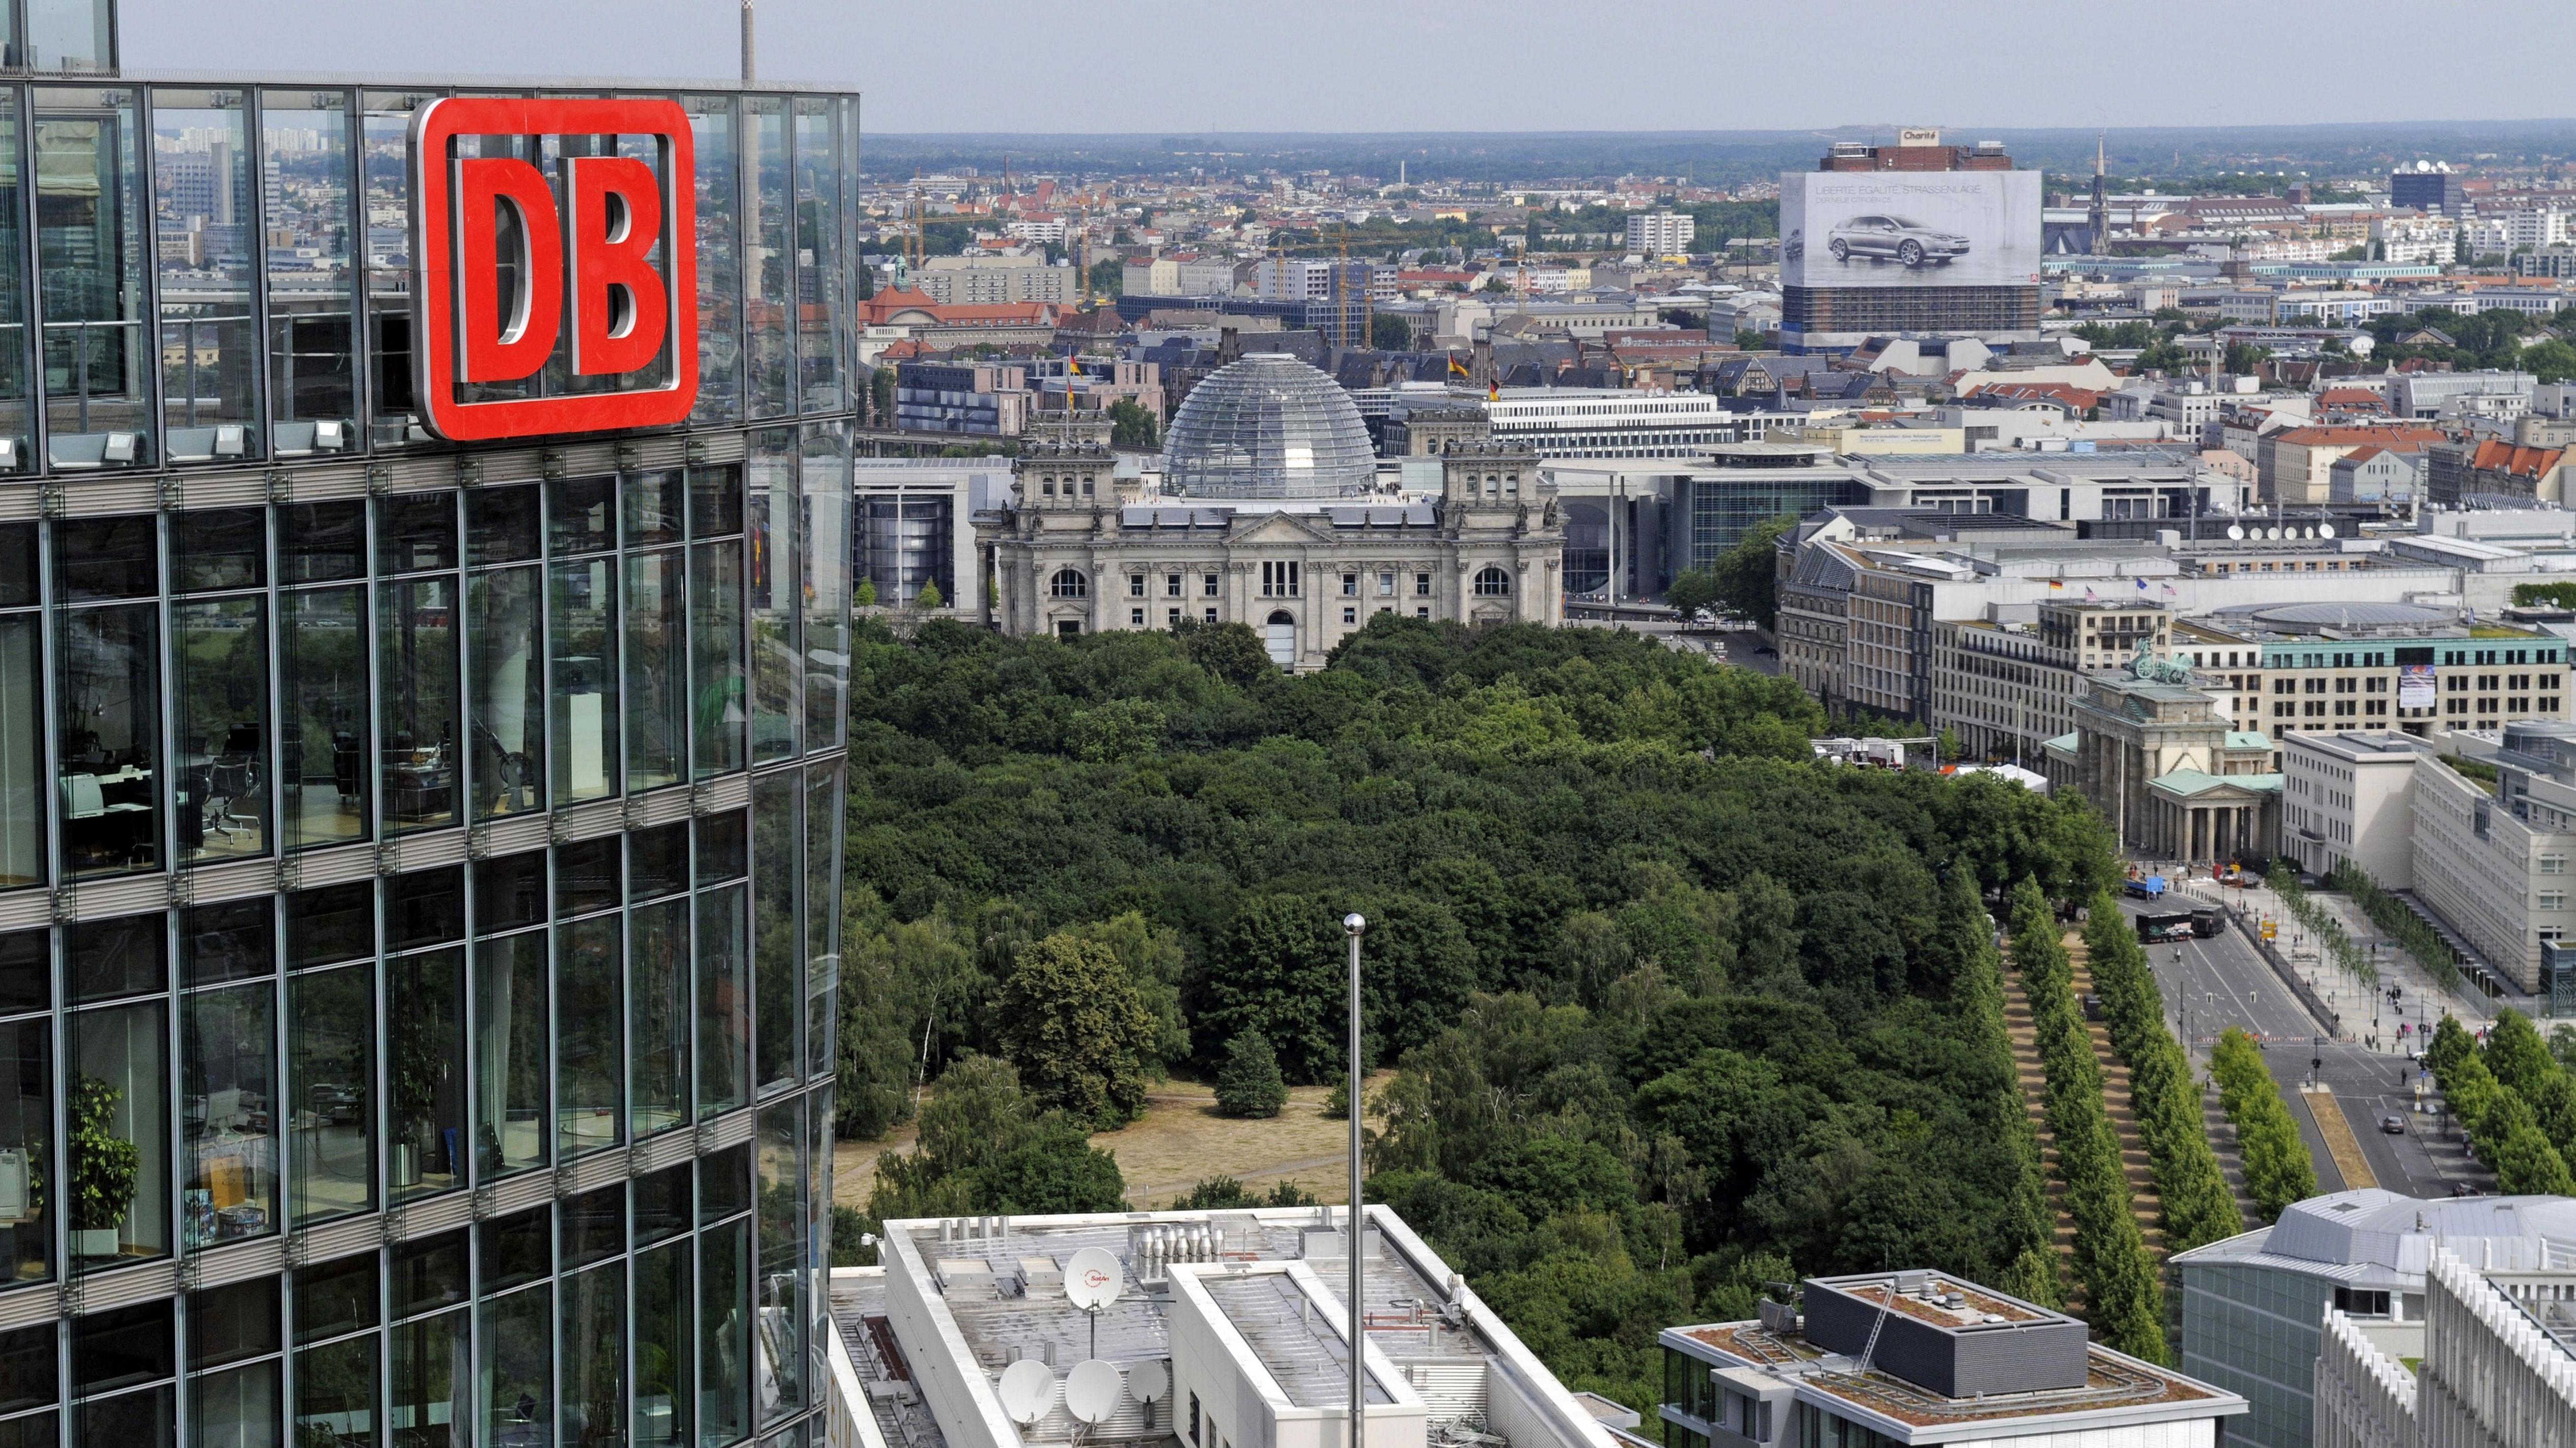 Luftbild des Logos der Deutschen Bahn am Konzertower